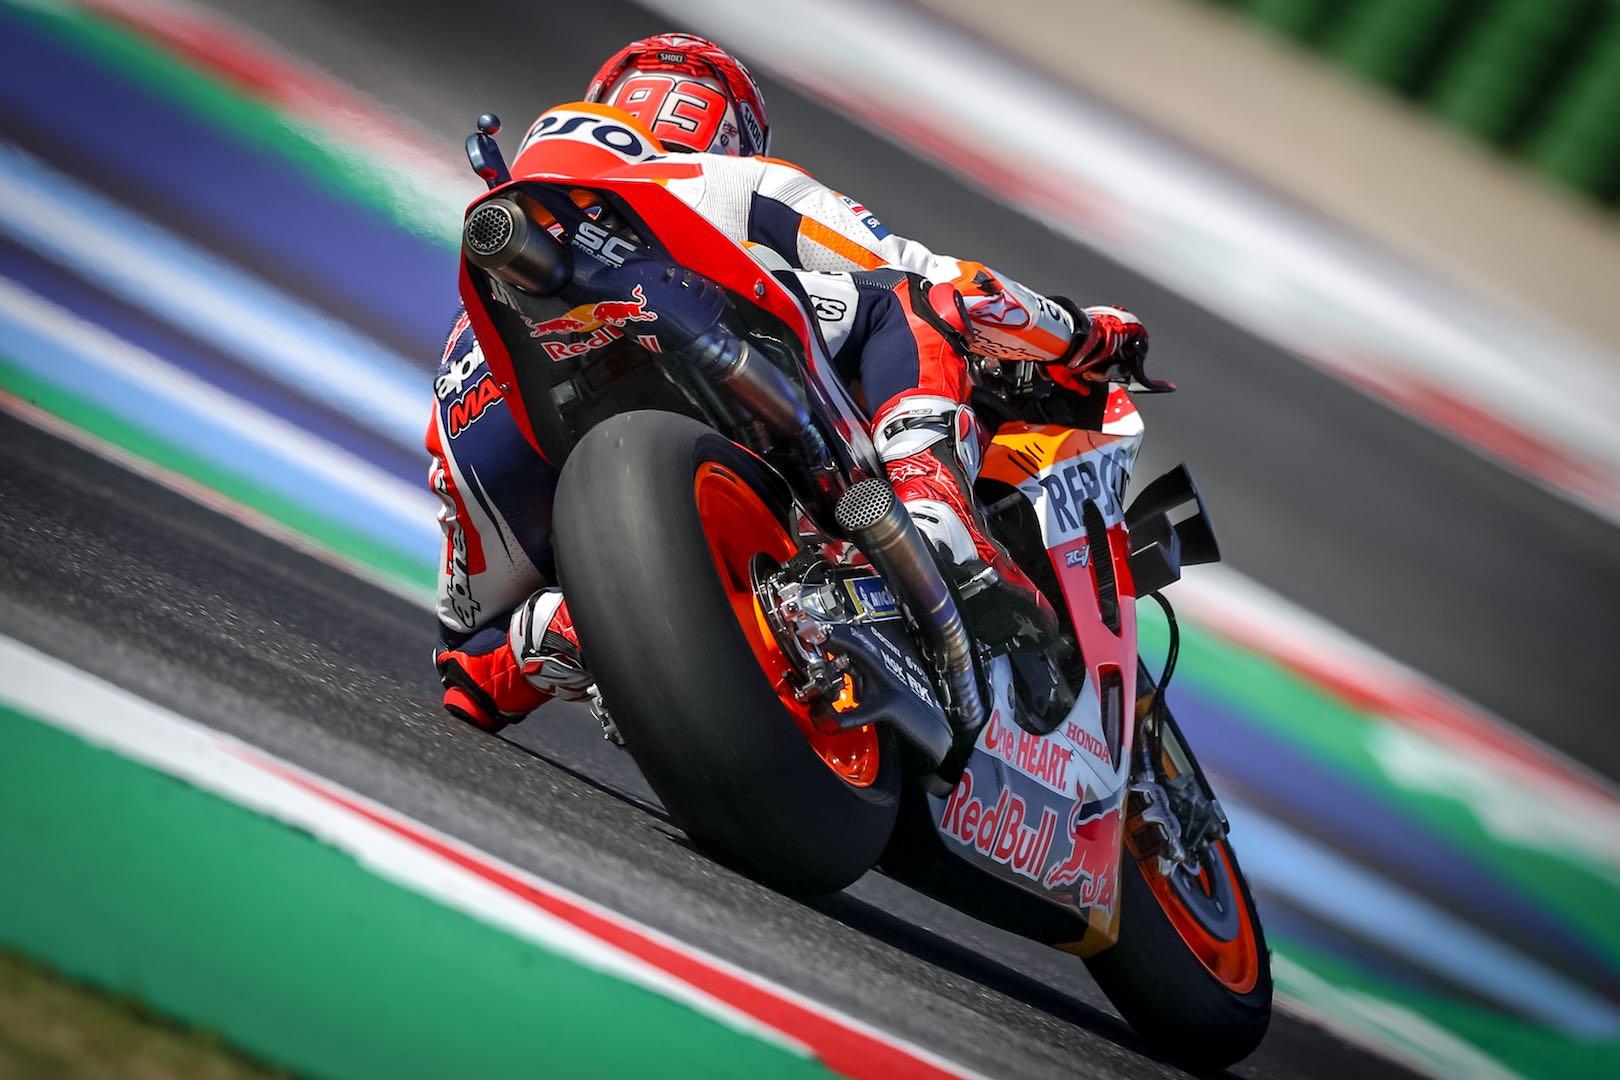 Honda's Marc Marquez at Misano MotoGP 2019